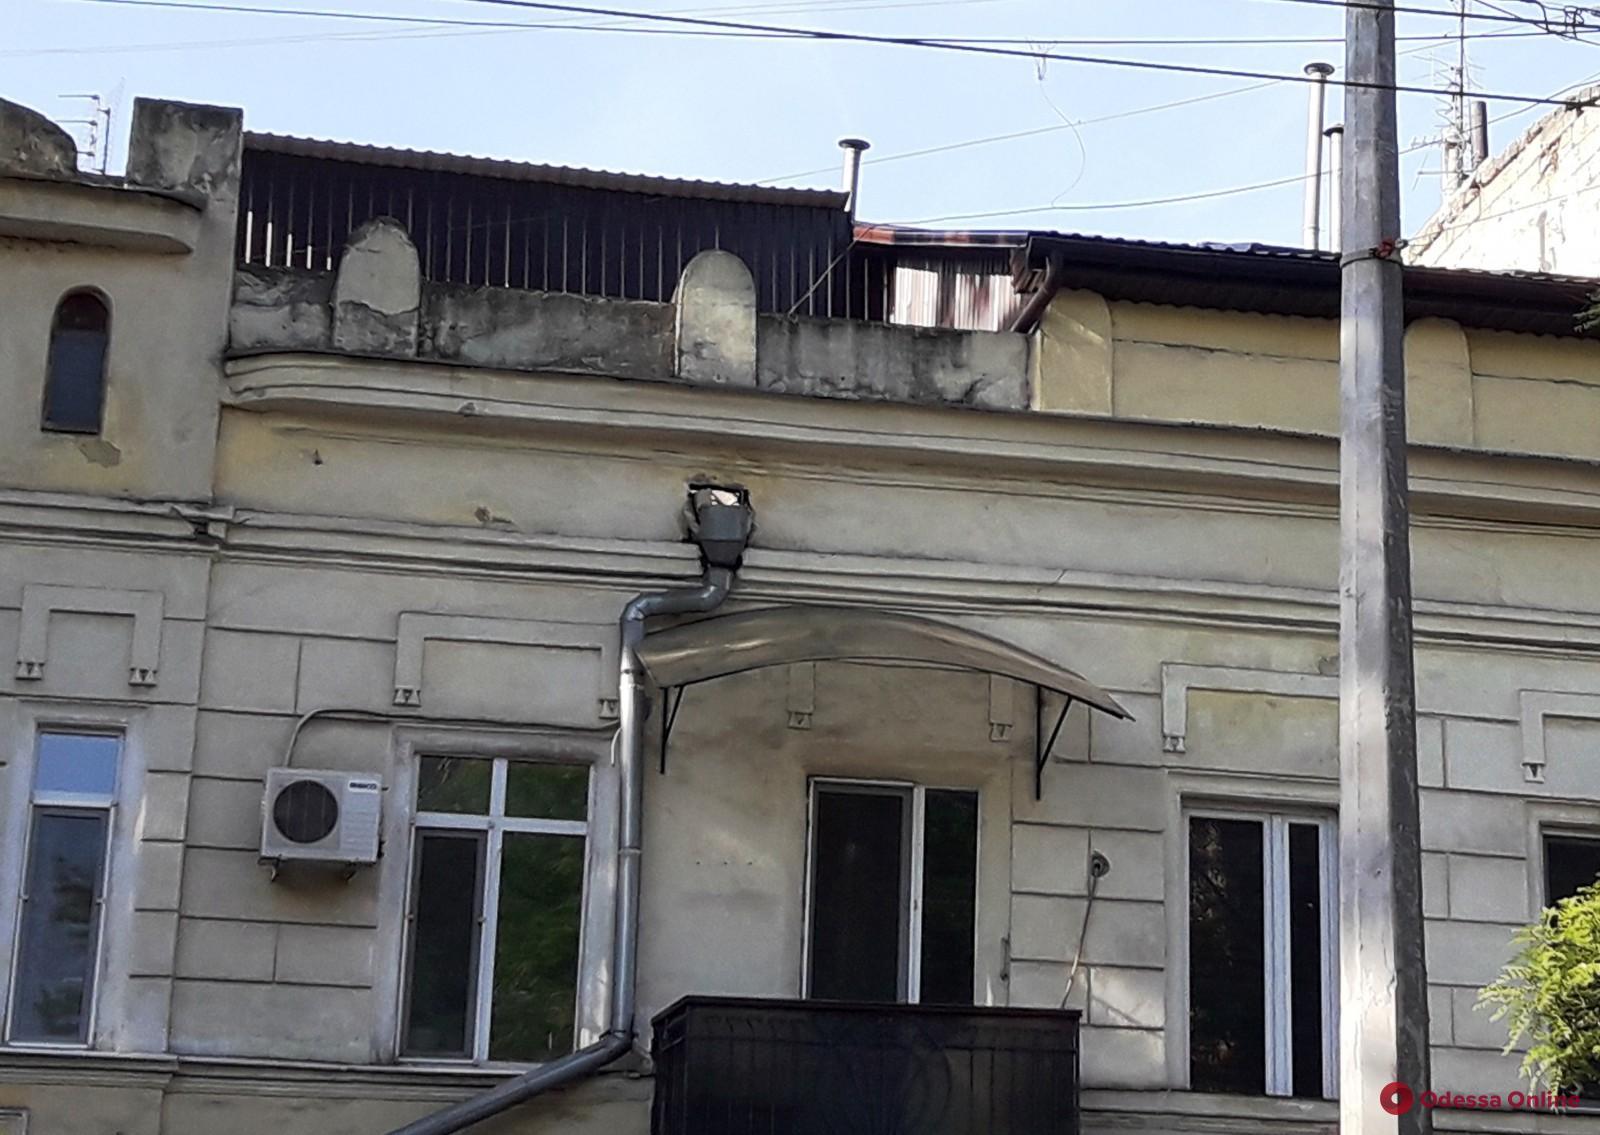 Одесса: ГАСК оштрафовал нарушителей на 232 тысячи